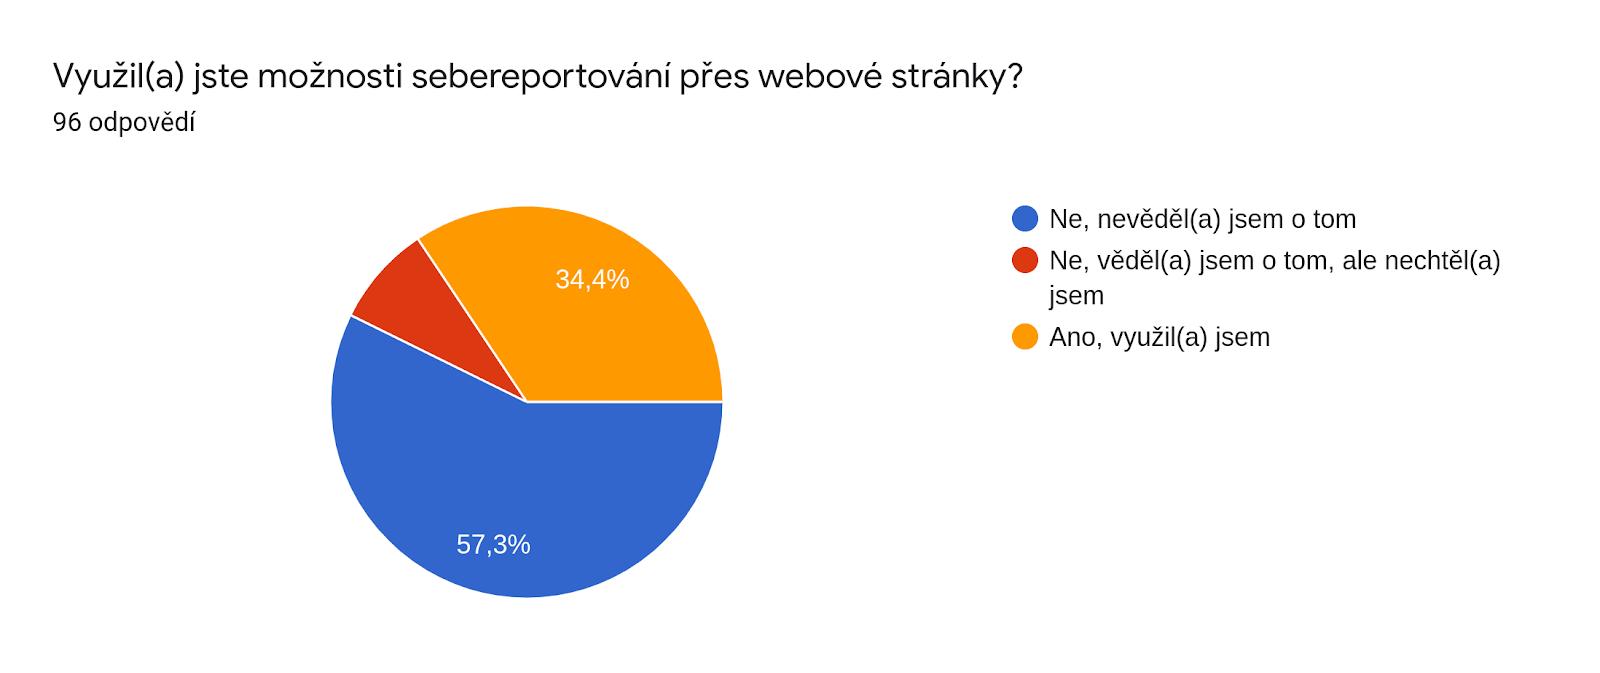 Graf odpovědí Formulářů. Název otázky: Využil(a) jste možnosti sebereportování přes webové stránky?. Počet odpovědí: 96 odpovědí.